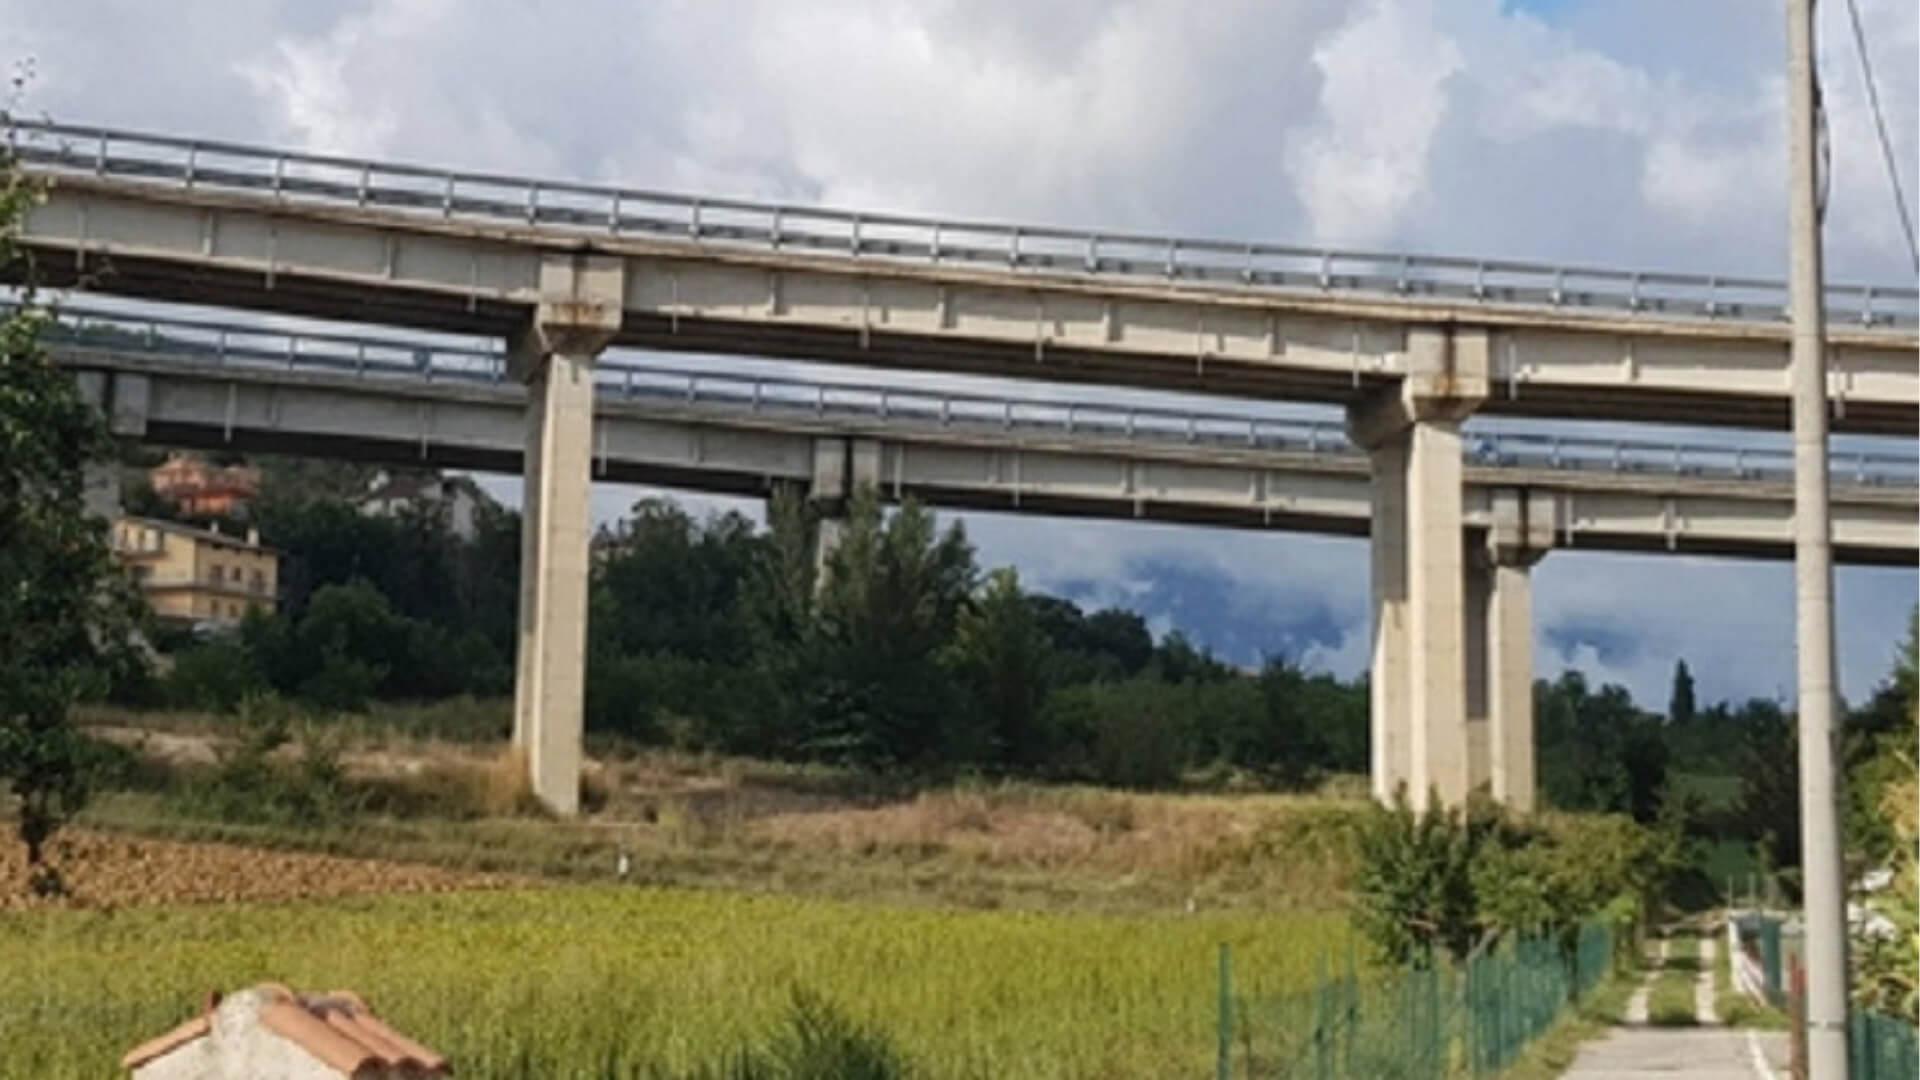 Viadotto Puleto della E45 v2